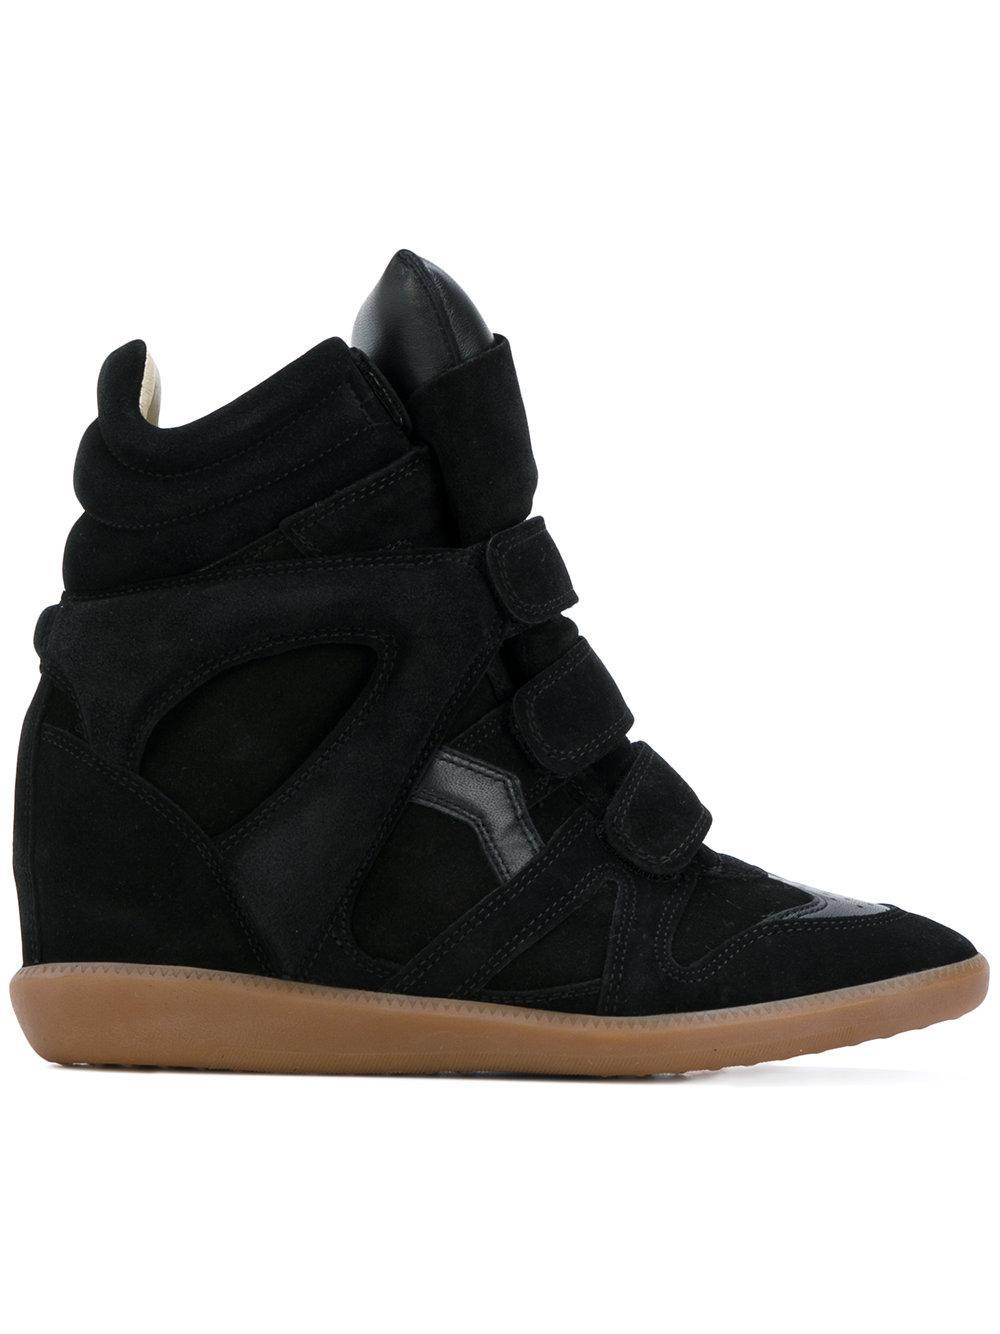 isabel marant black suede bekett wedge sneakers in black save 8 lyst. Black Bedroom Furniture Sets. Home Design Ideas